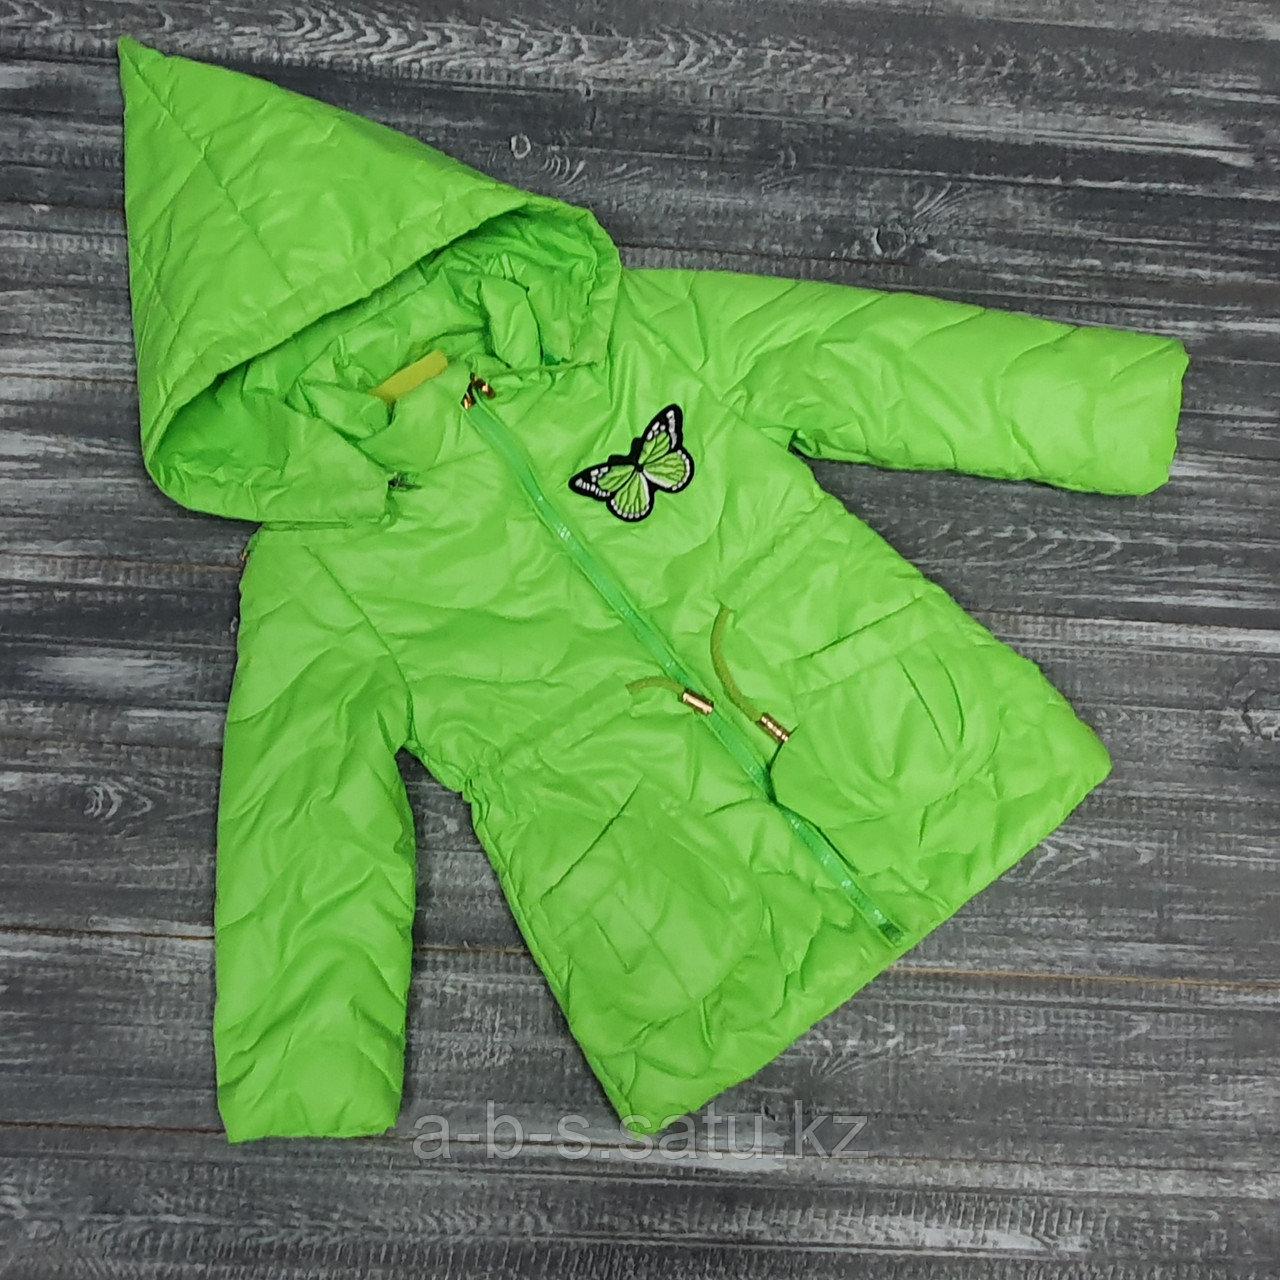 Куртка зеленая с капюшоном (конус)